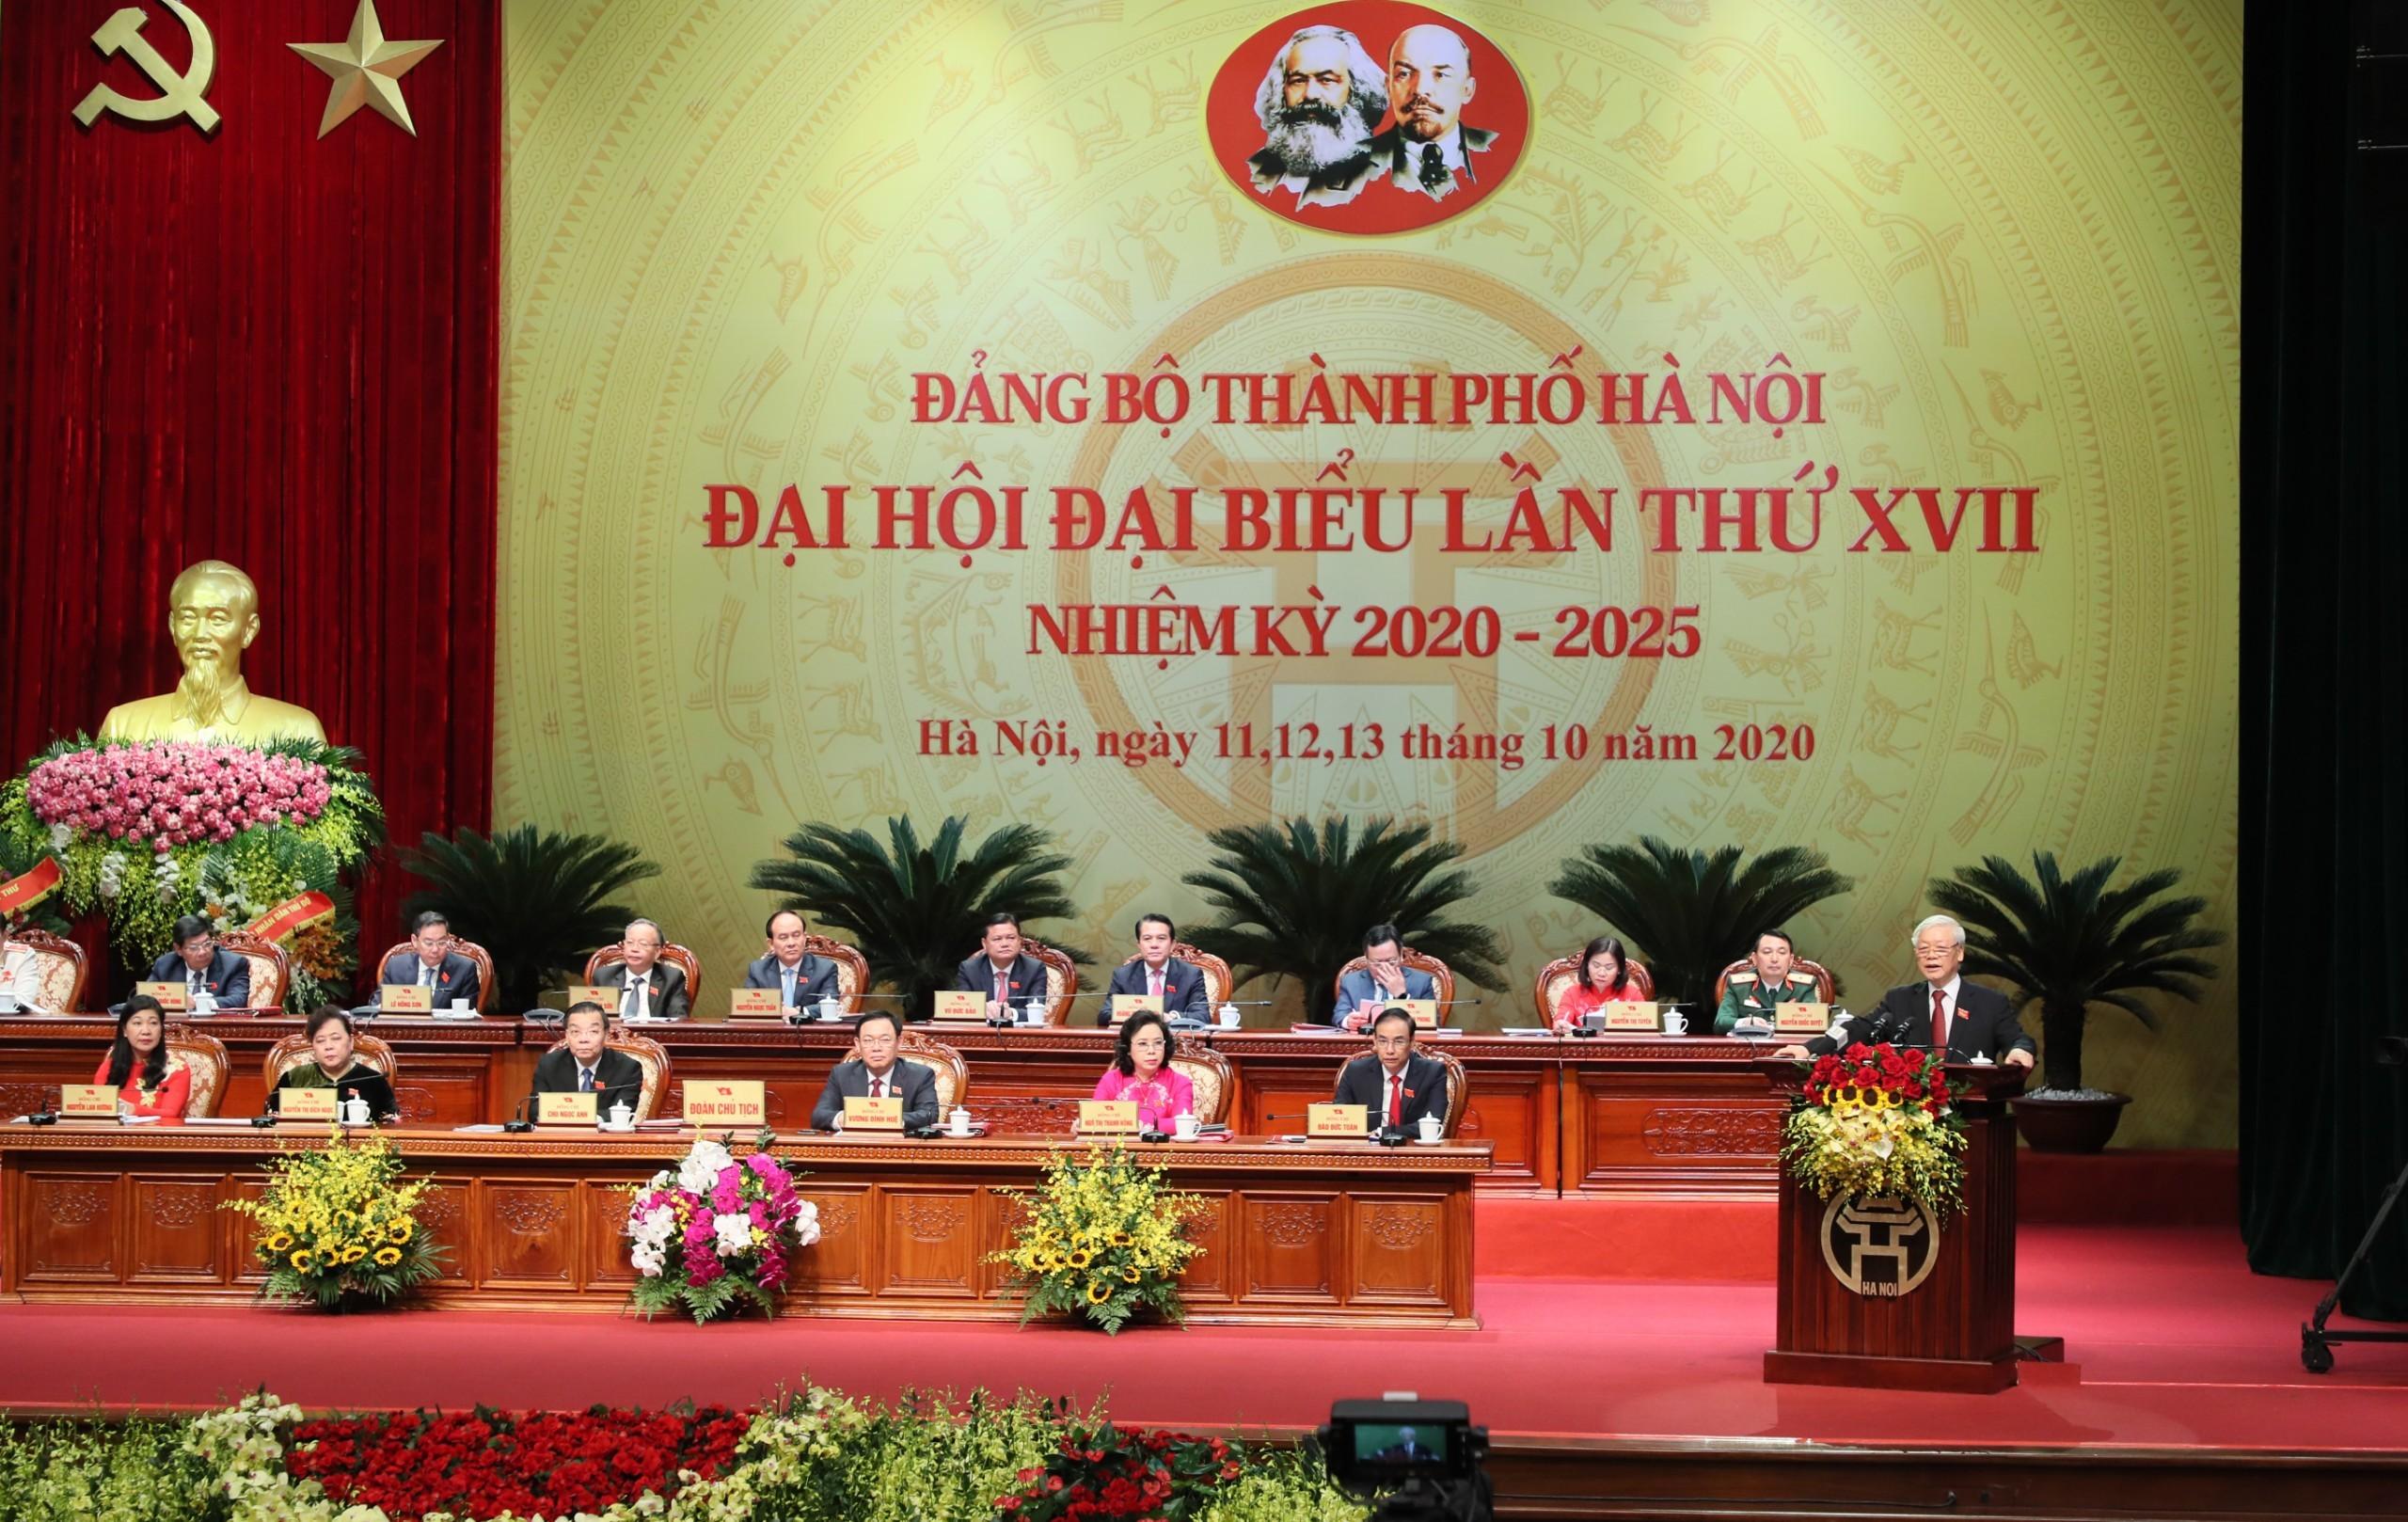 Tổng Bí thư, Chủ tịch nước: Hà Nội chưa bao giờ có tầm vóc và cơ hội phát triển như bây giờ